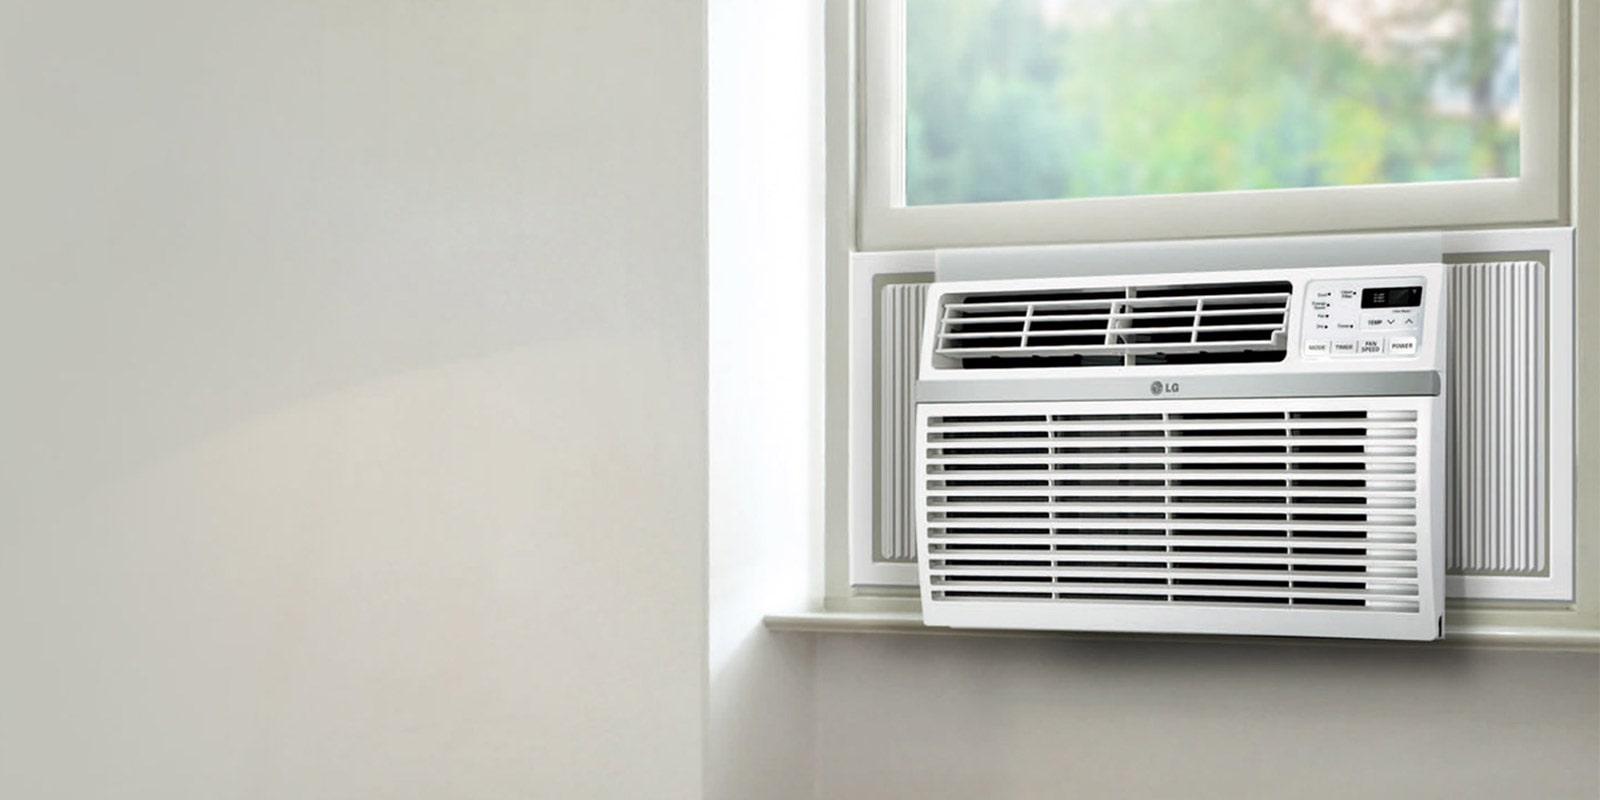 Aire acondicionado dise o y despempe o para tu ambiente for Splity 3 en 1